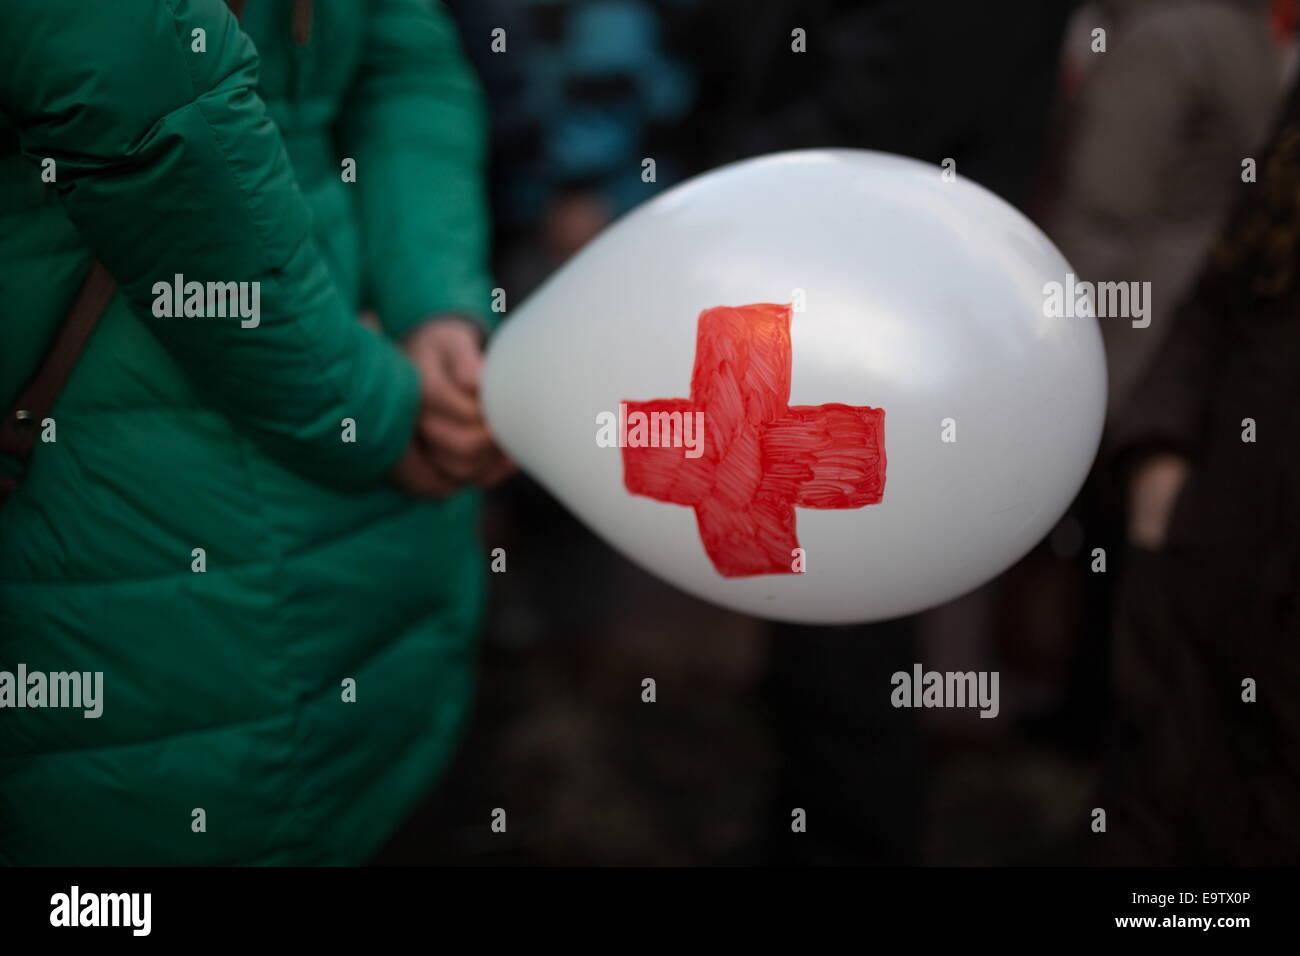 Moskau, Russland. 2. November 2014. Ein Demonstrant mit einem Ballon mit einem roten Kreuz während einer Protestaktion Stockbild